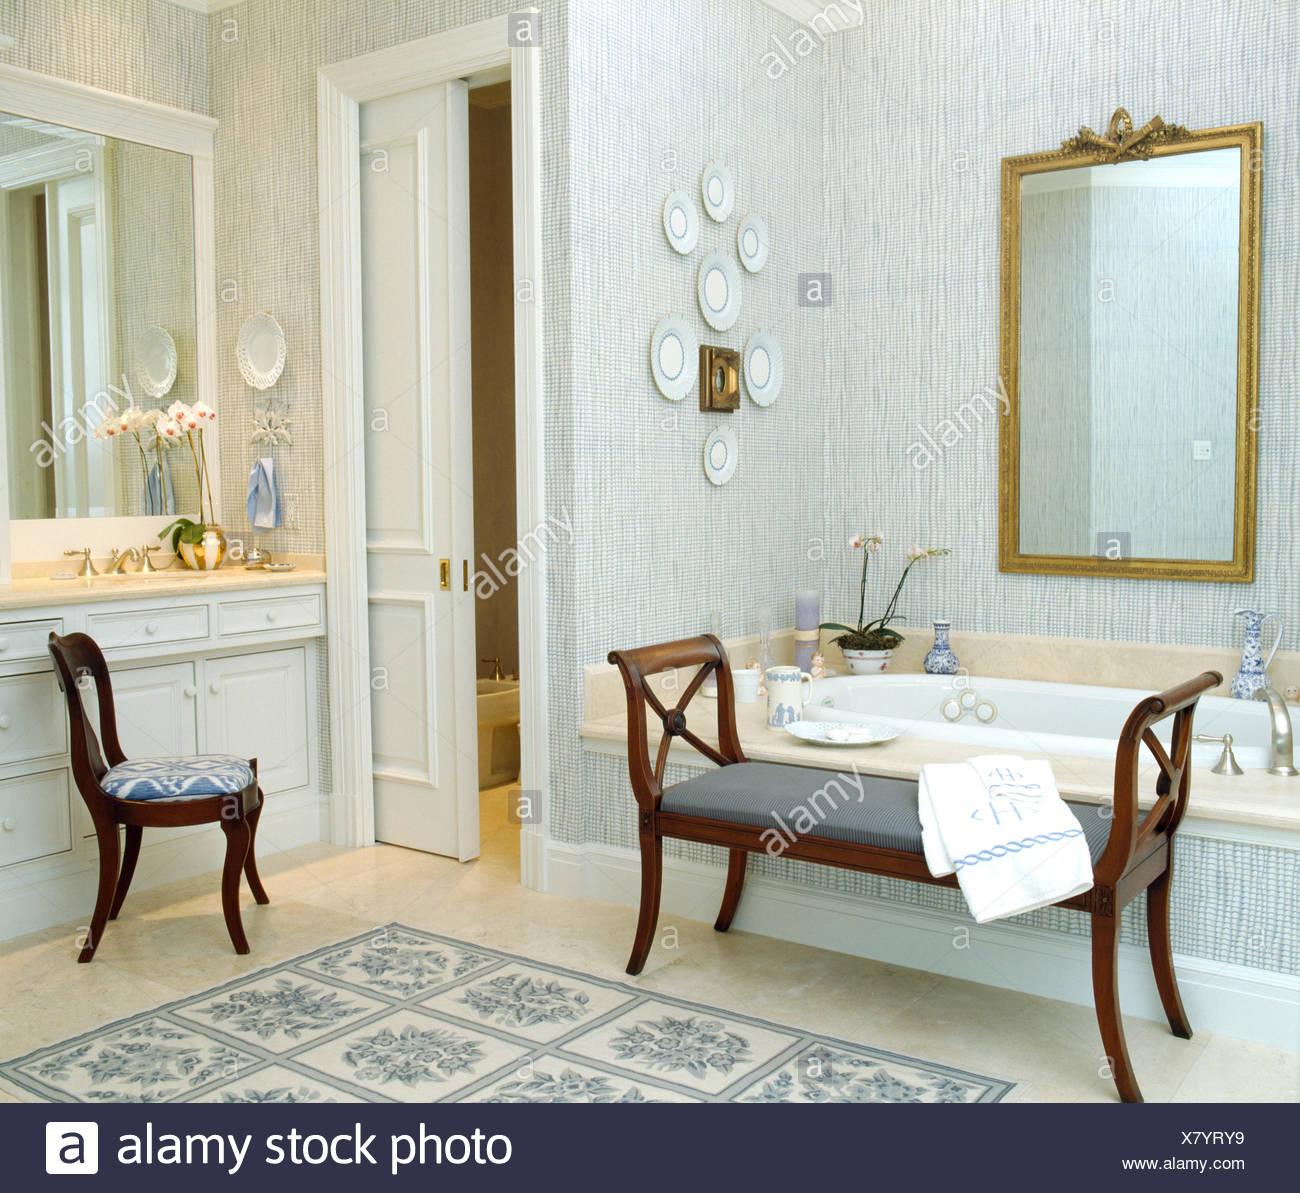 Stühle Badezimmer | Badezimmer Stuhl Schickes Stuhl Schienen Im ...